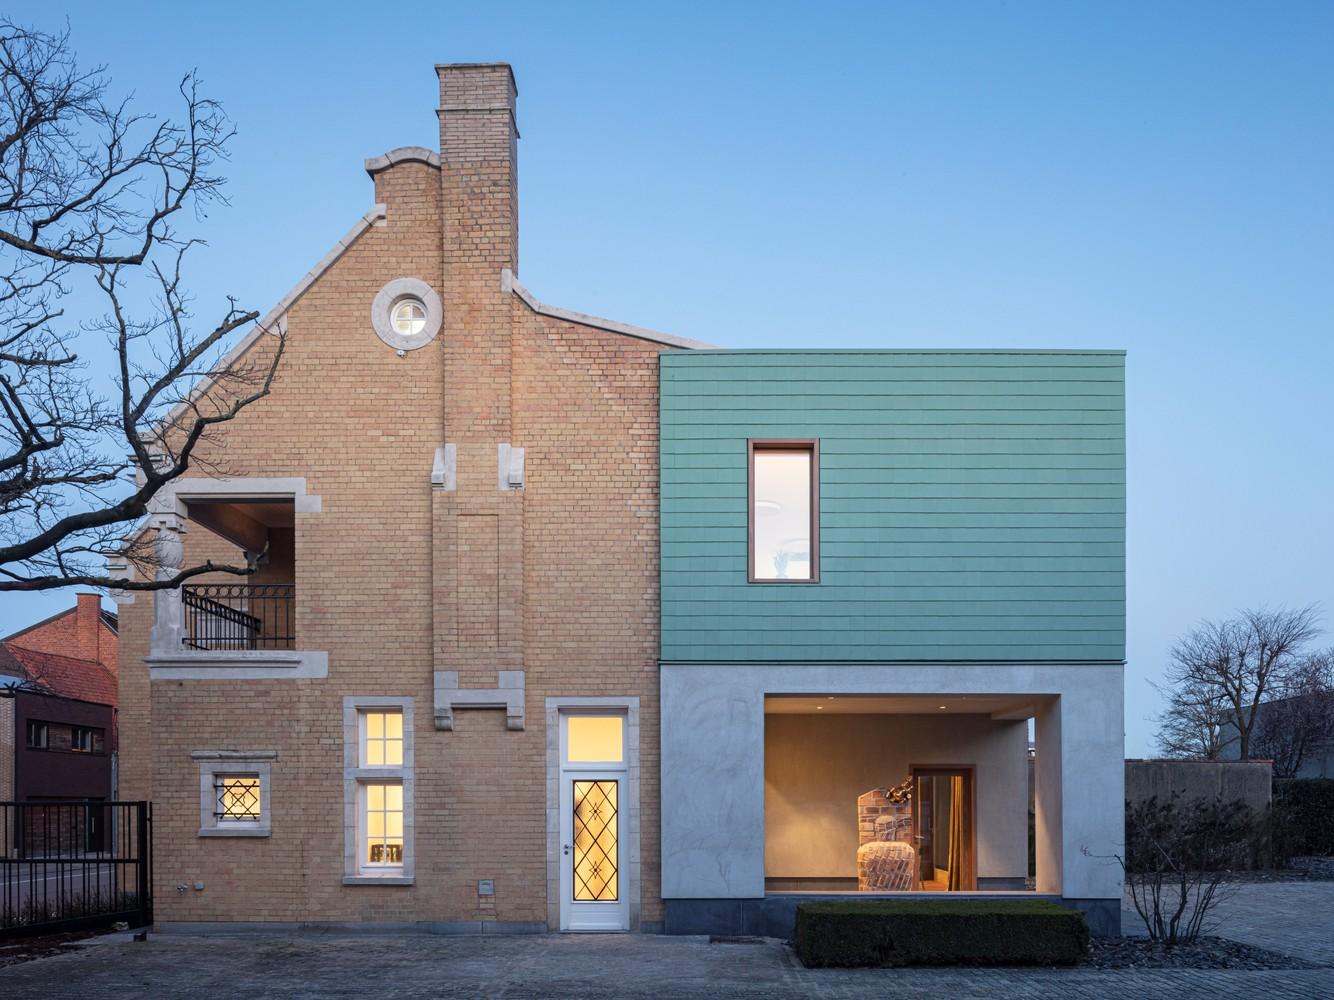 Các xu hướng kiến trúc mới mẻ và nổi bật trên thế giới - Ảnh 24.